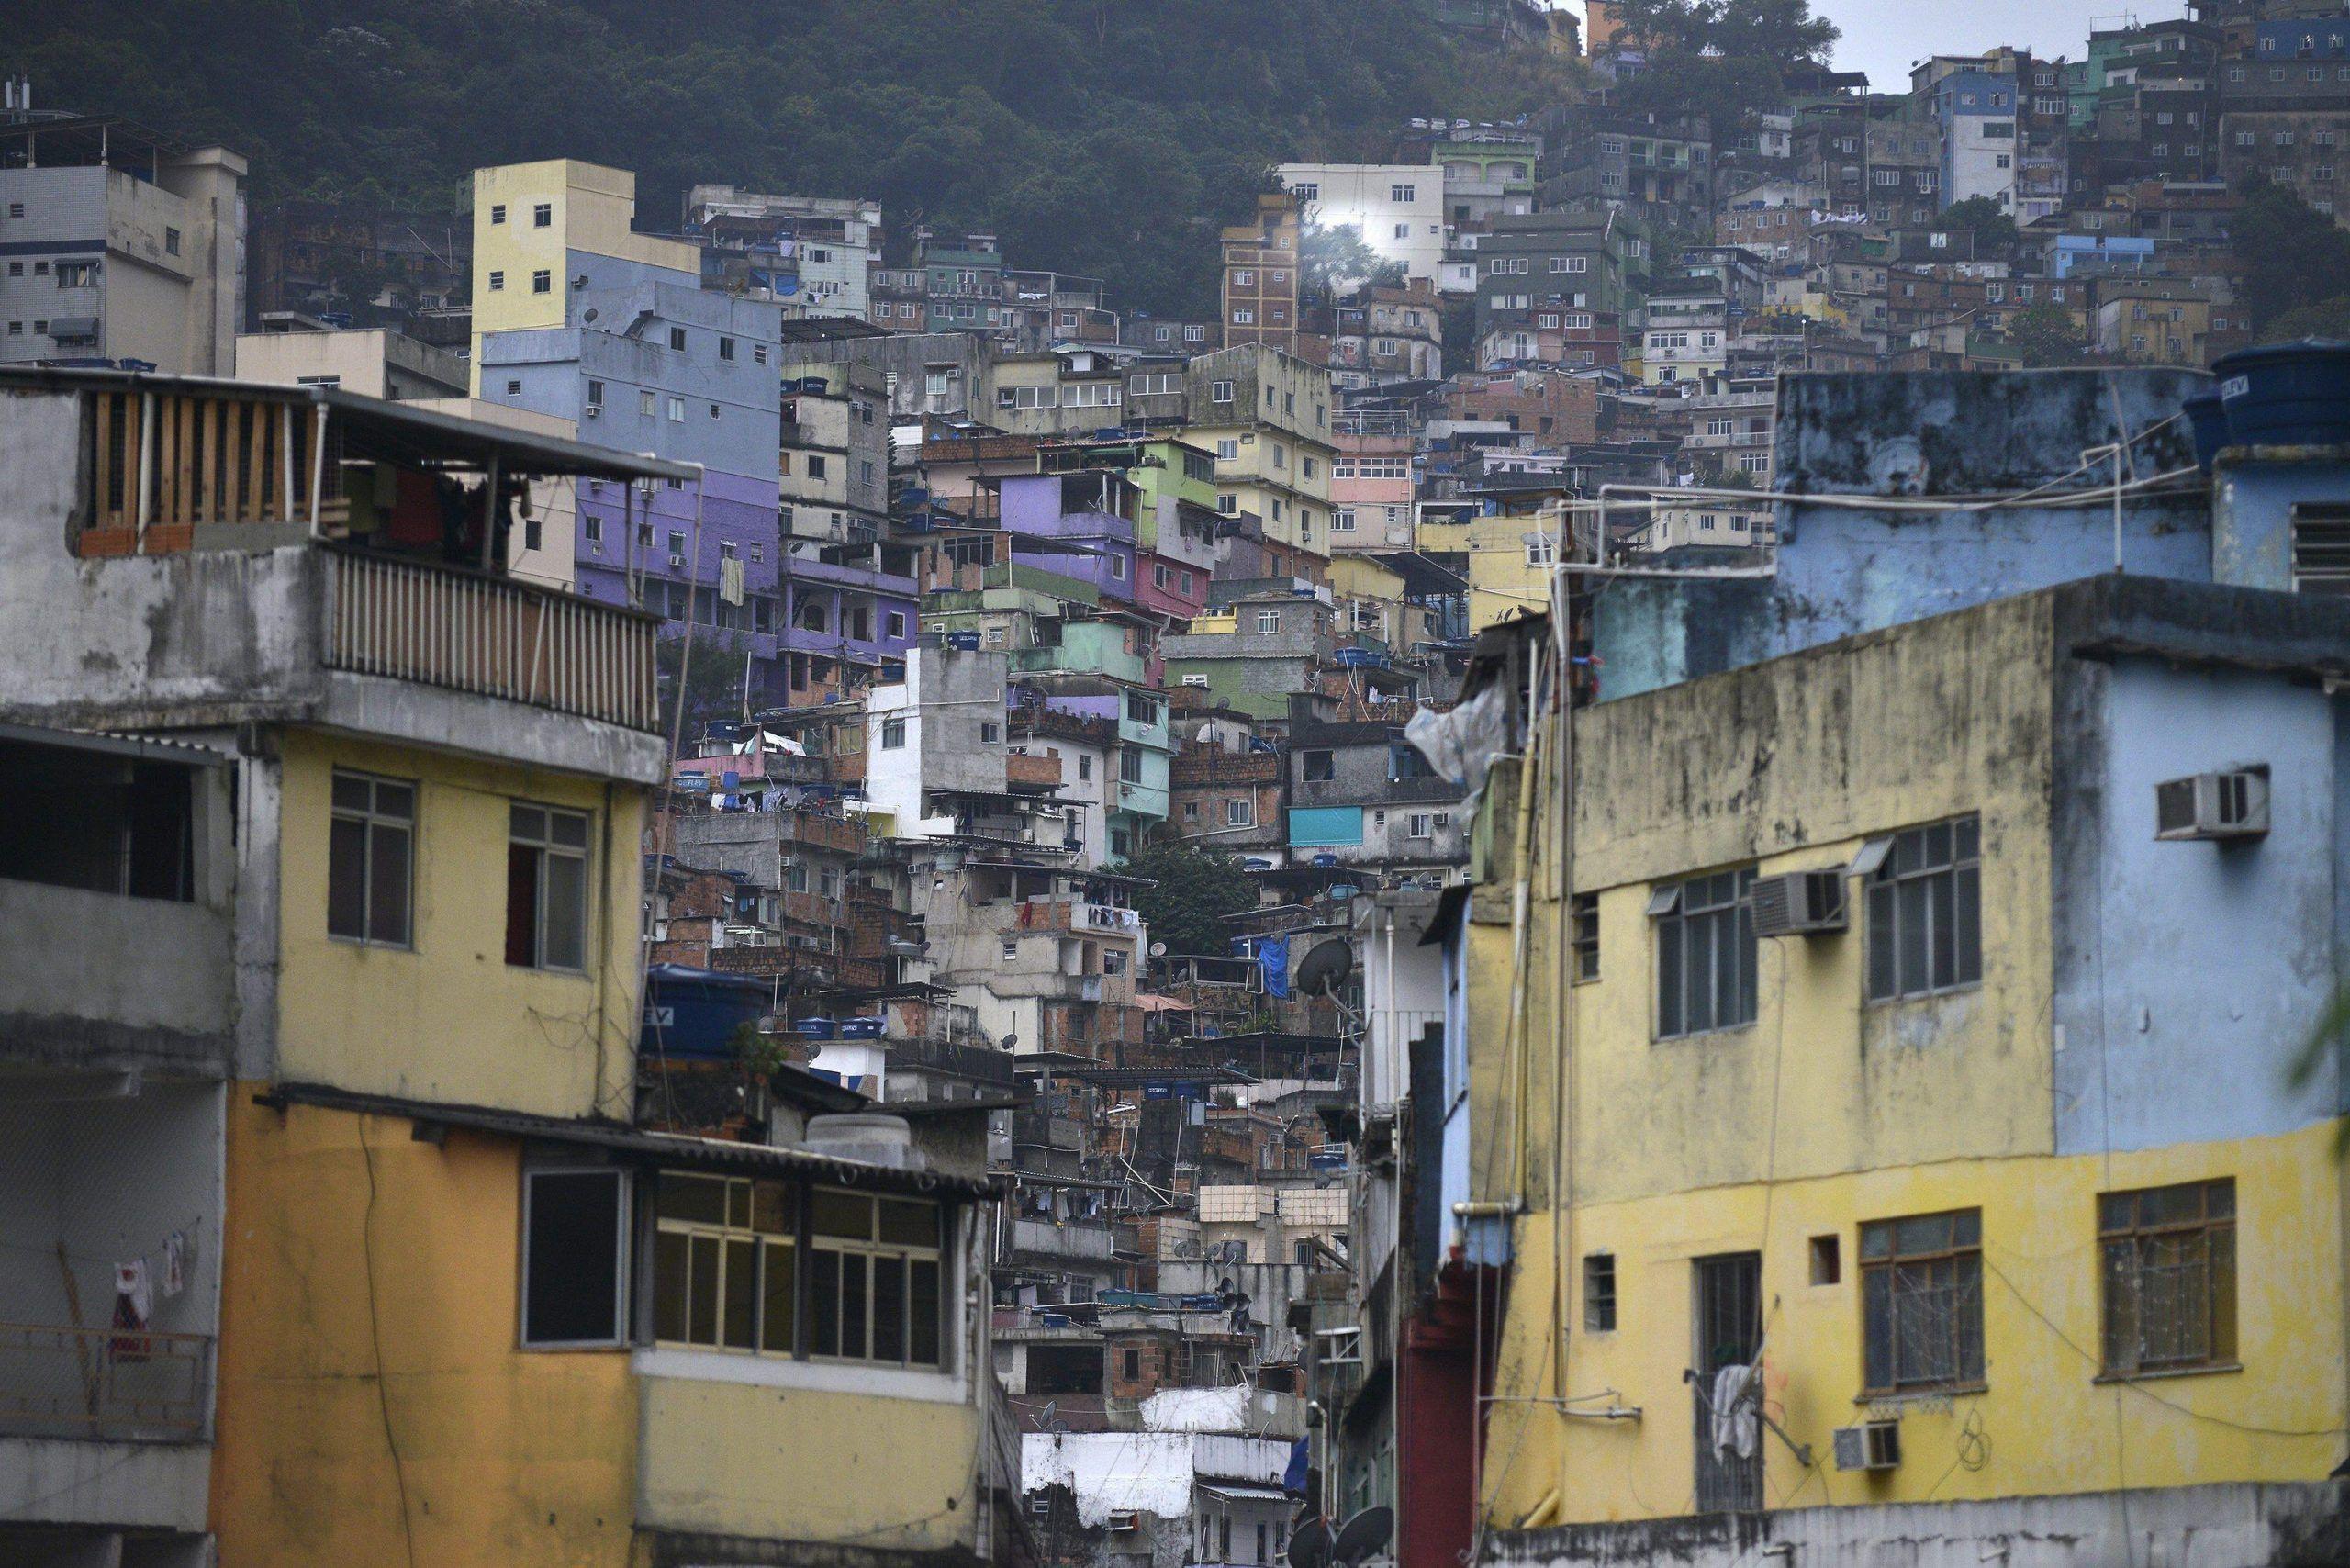 Daily life in the Rocinha favela at the south of Rio de Janeiro